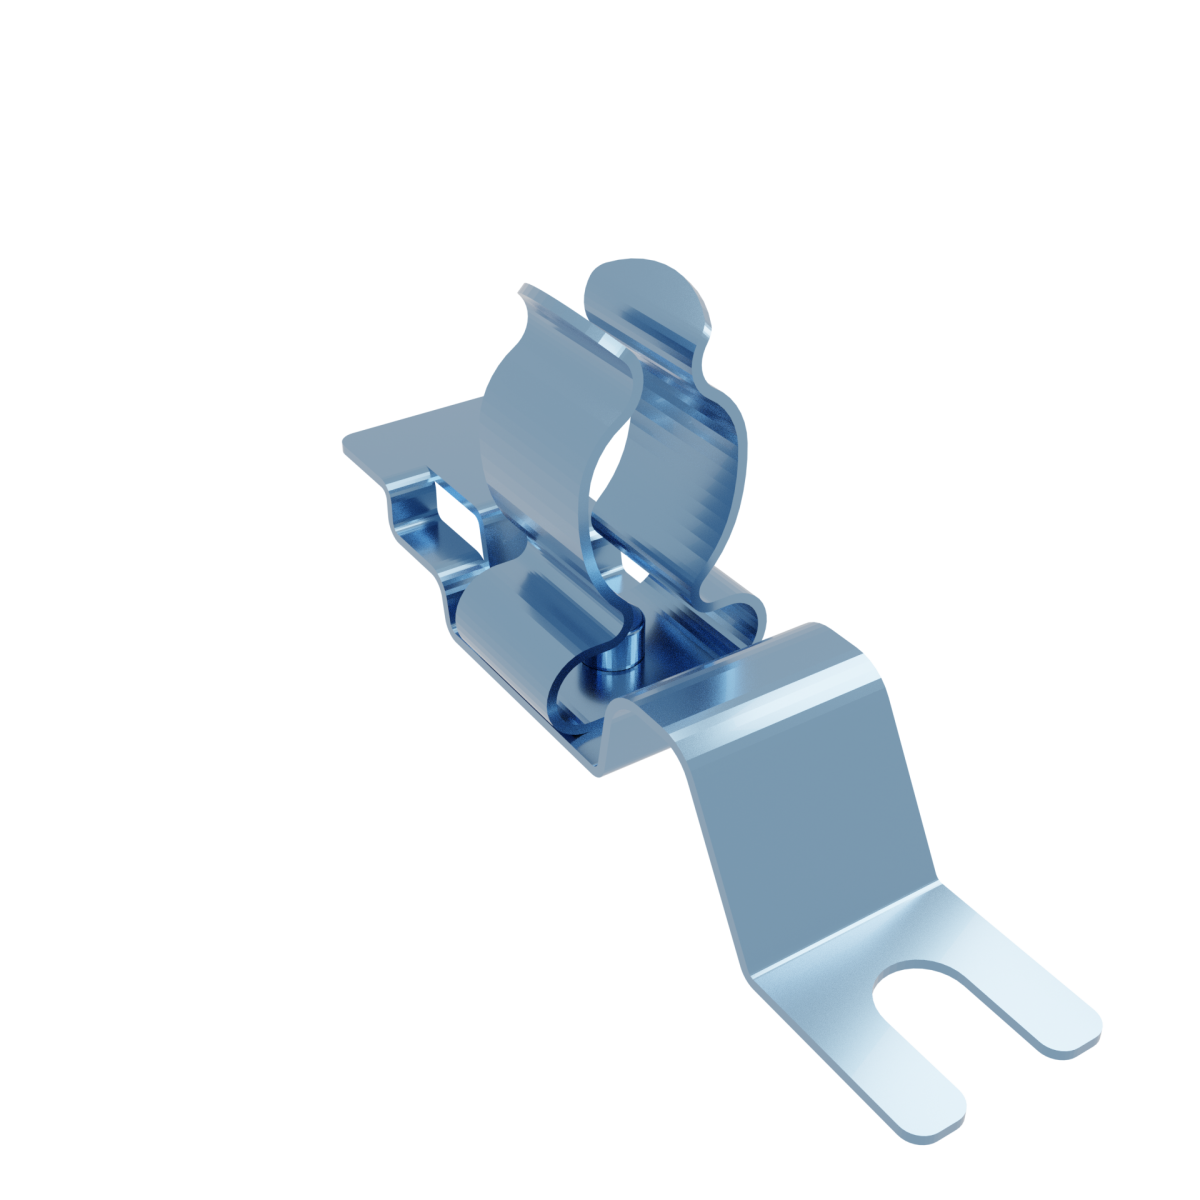 Stínicí kabelová spona s vidlicí MSEL 3-9